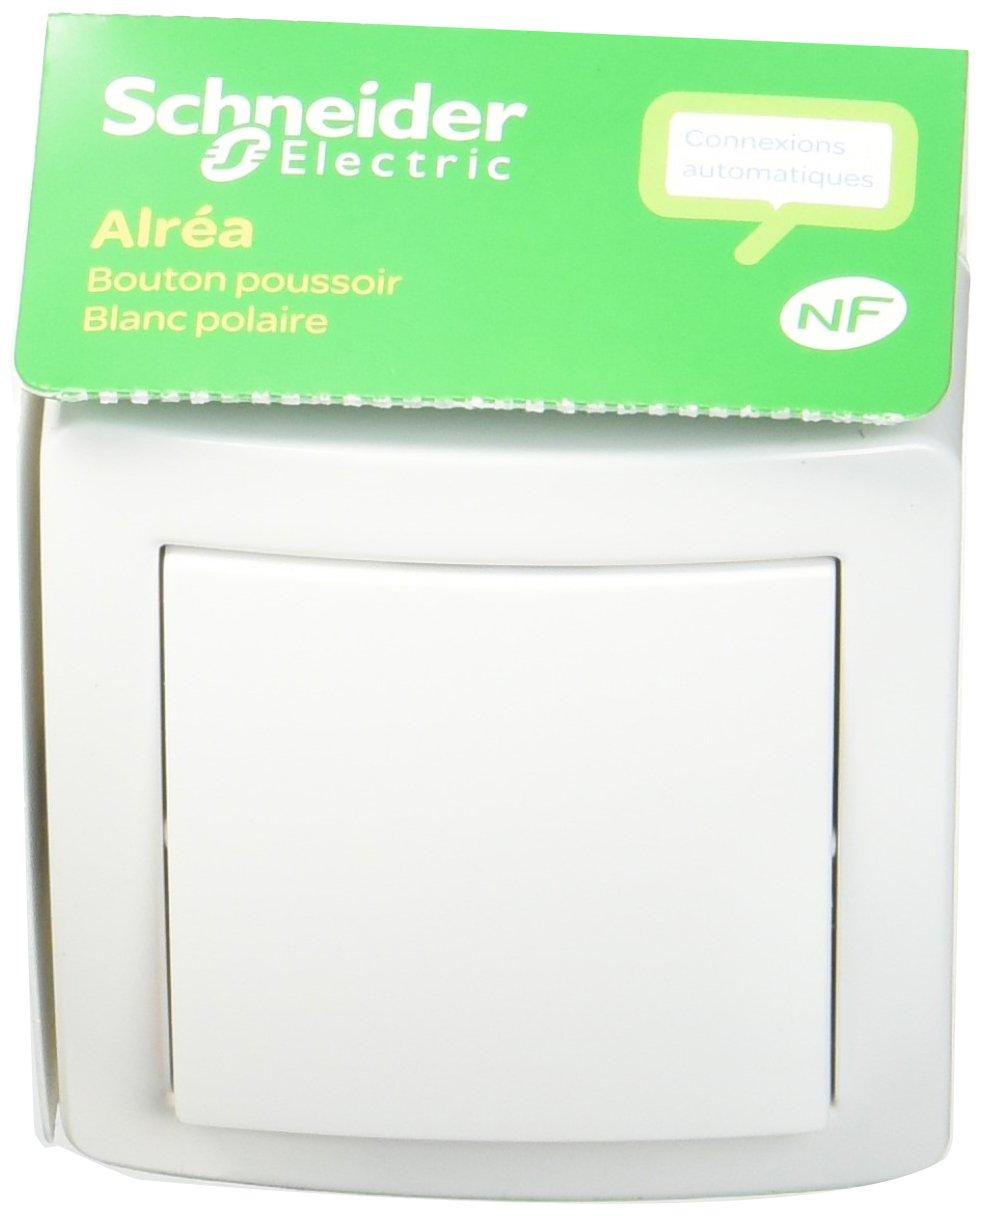 Schneider Electric SC5SHN0262053P Alrea Poussoir à fermeture avec cadre saillie